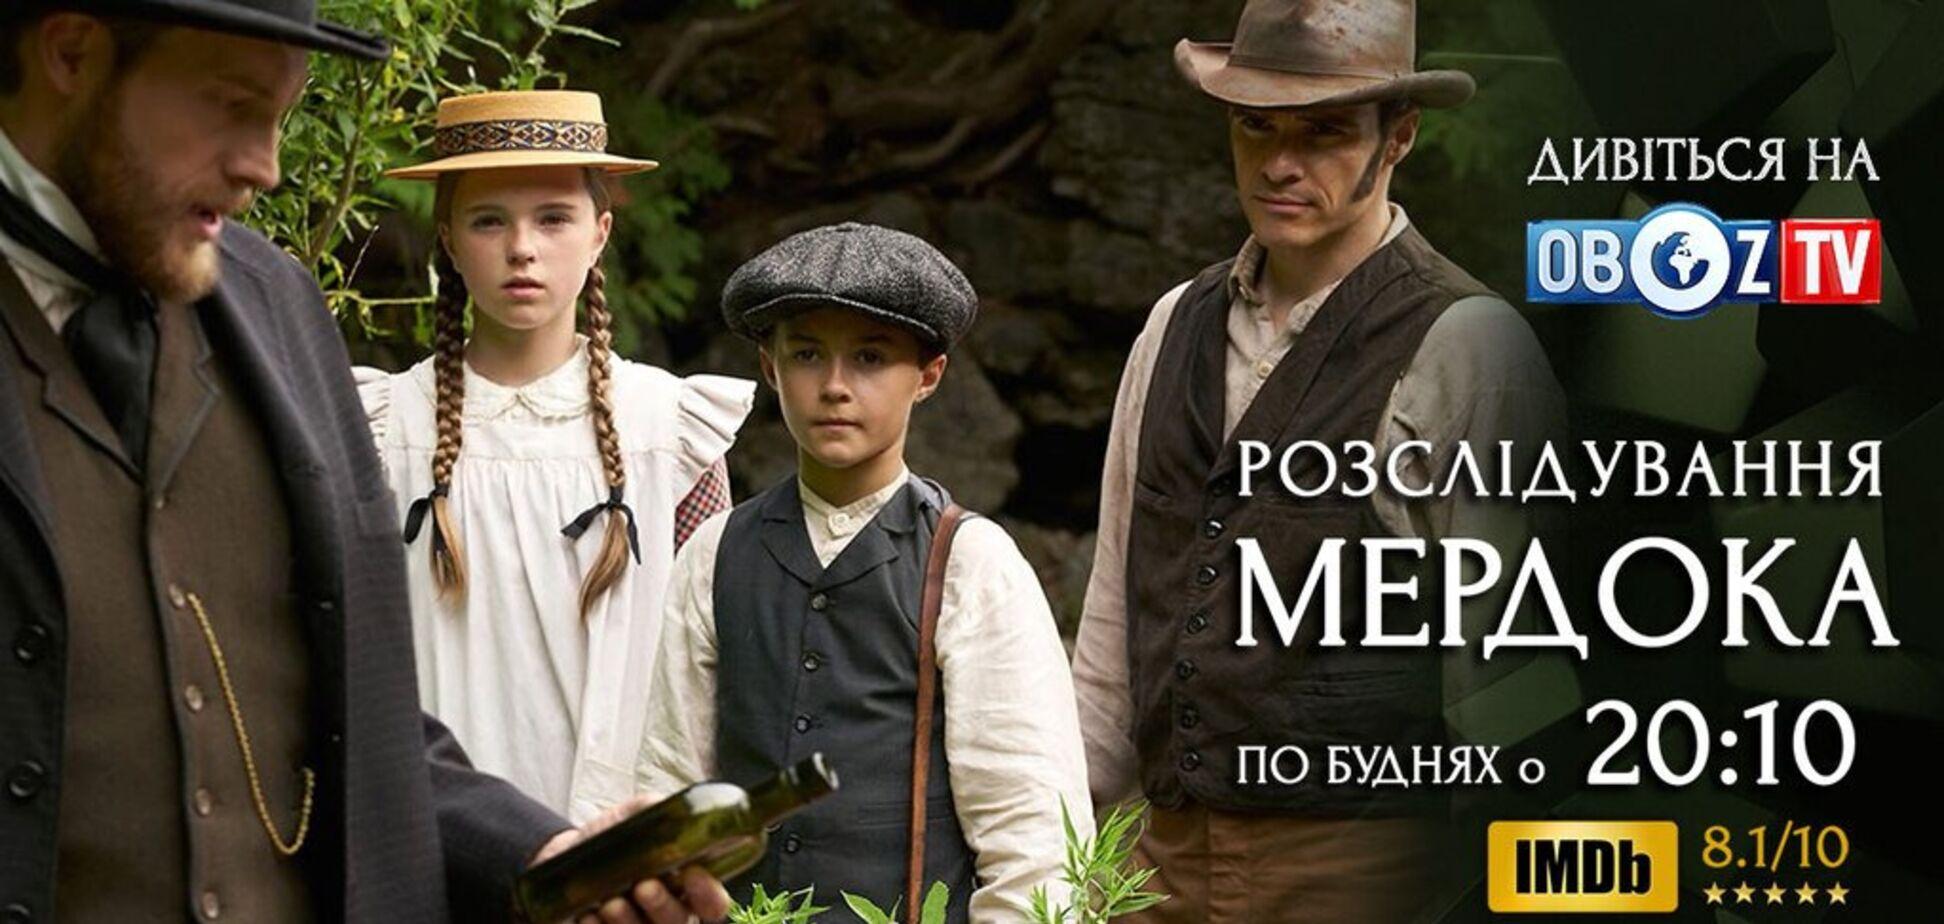 Дивіться на ObozTV серіал 'Розслідування Мердока' – серія 'Дивний мандраж'